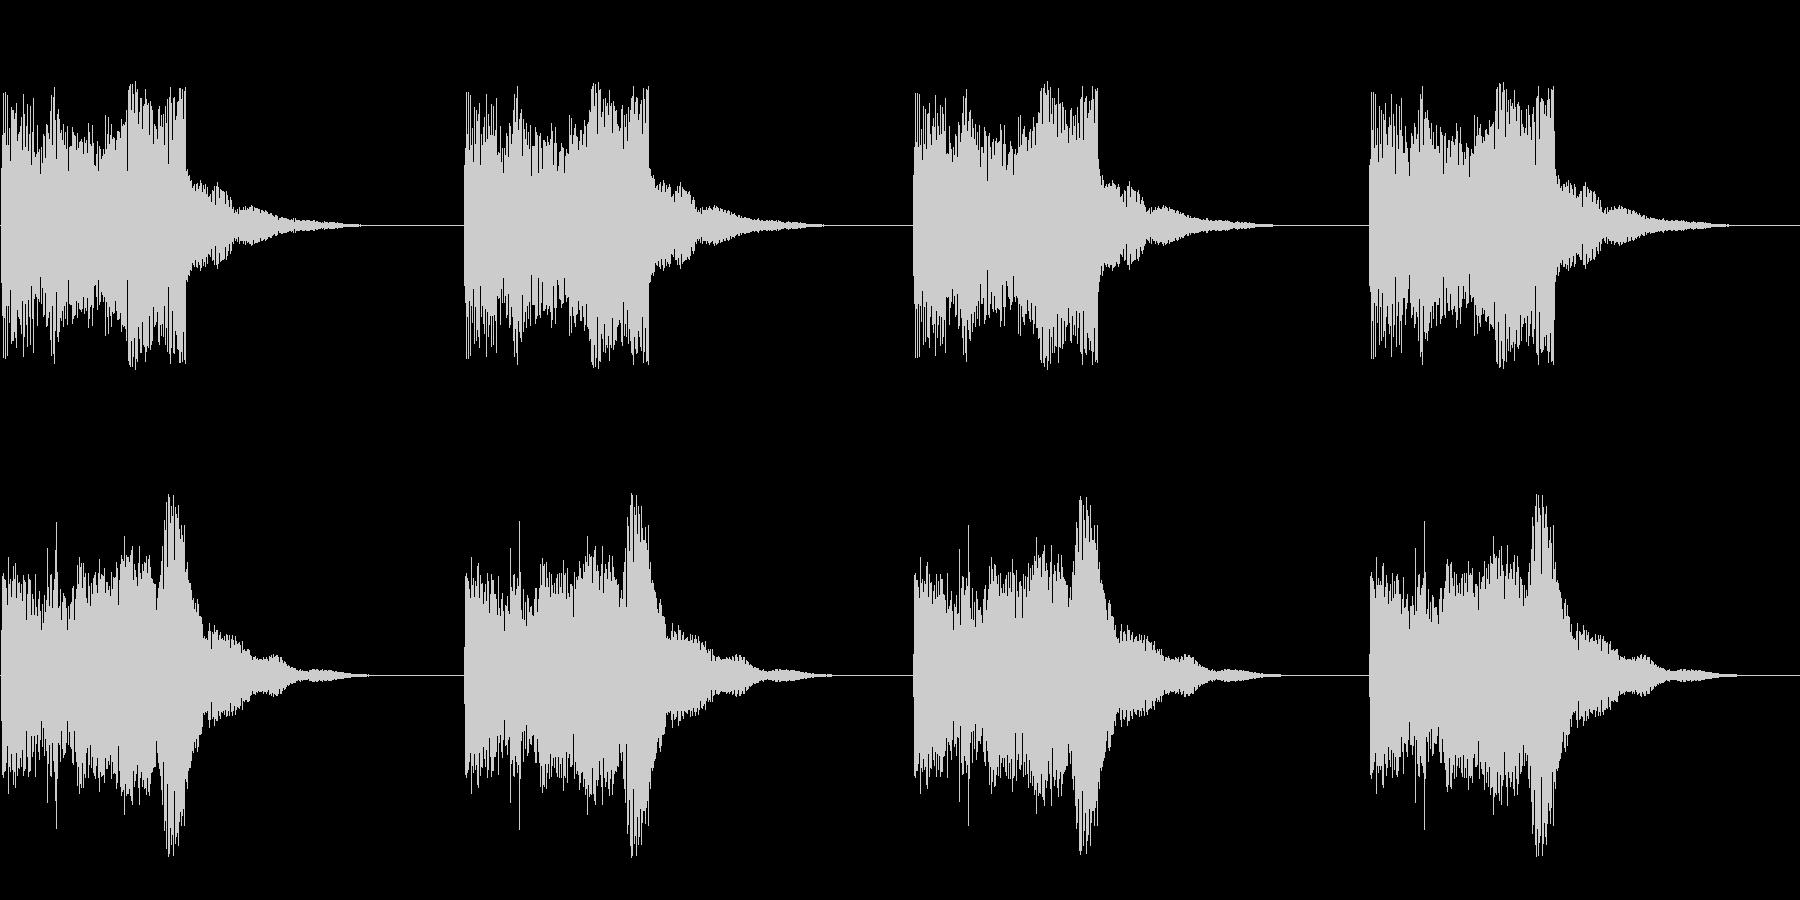 ビー ビー ビー ビー(アラーム)の未再生の波形